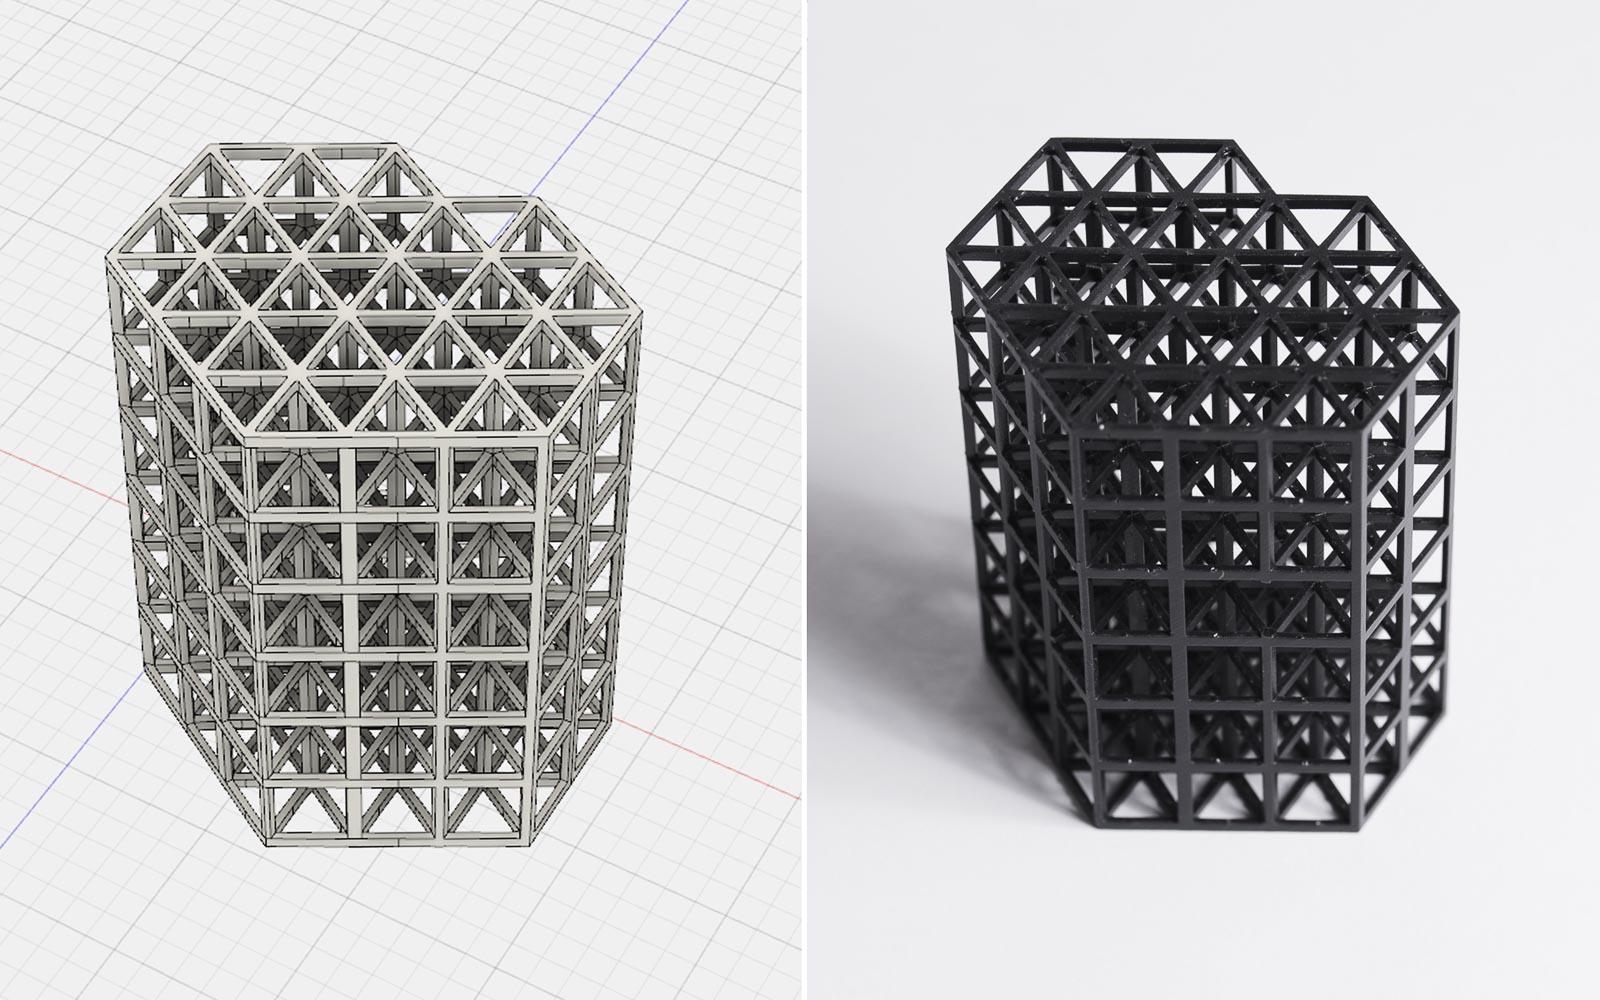 От начального проектирования САПР до трехмерной печатной детали аддитивное производство следует общей последовательности шагов